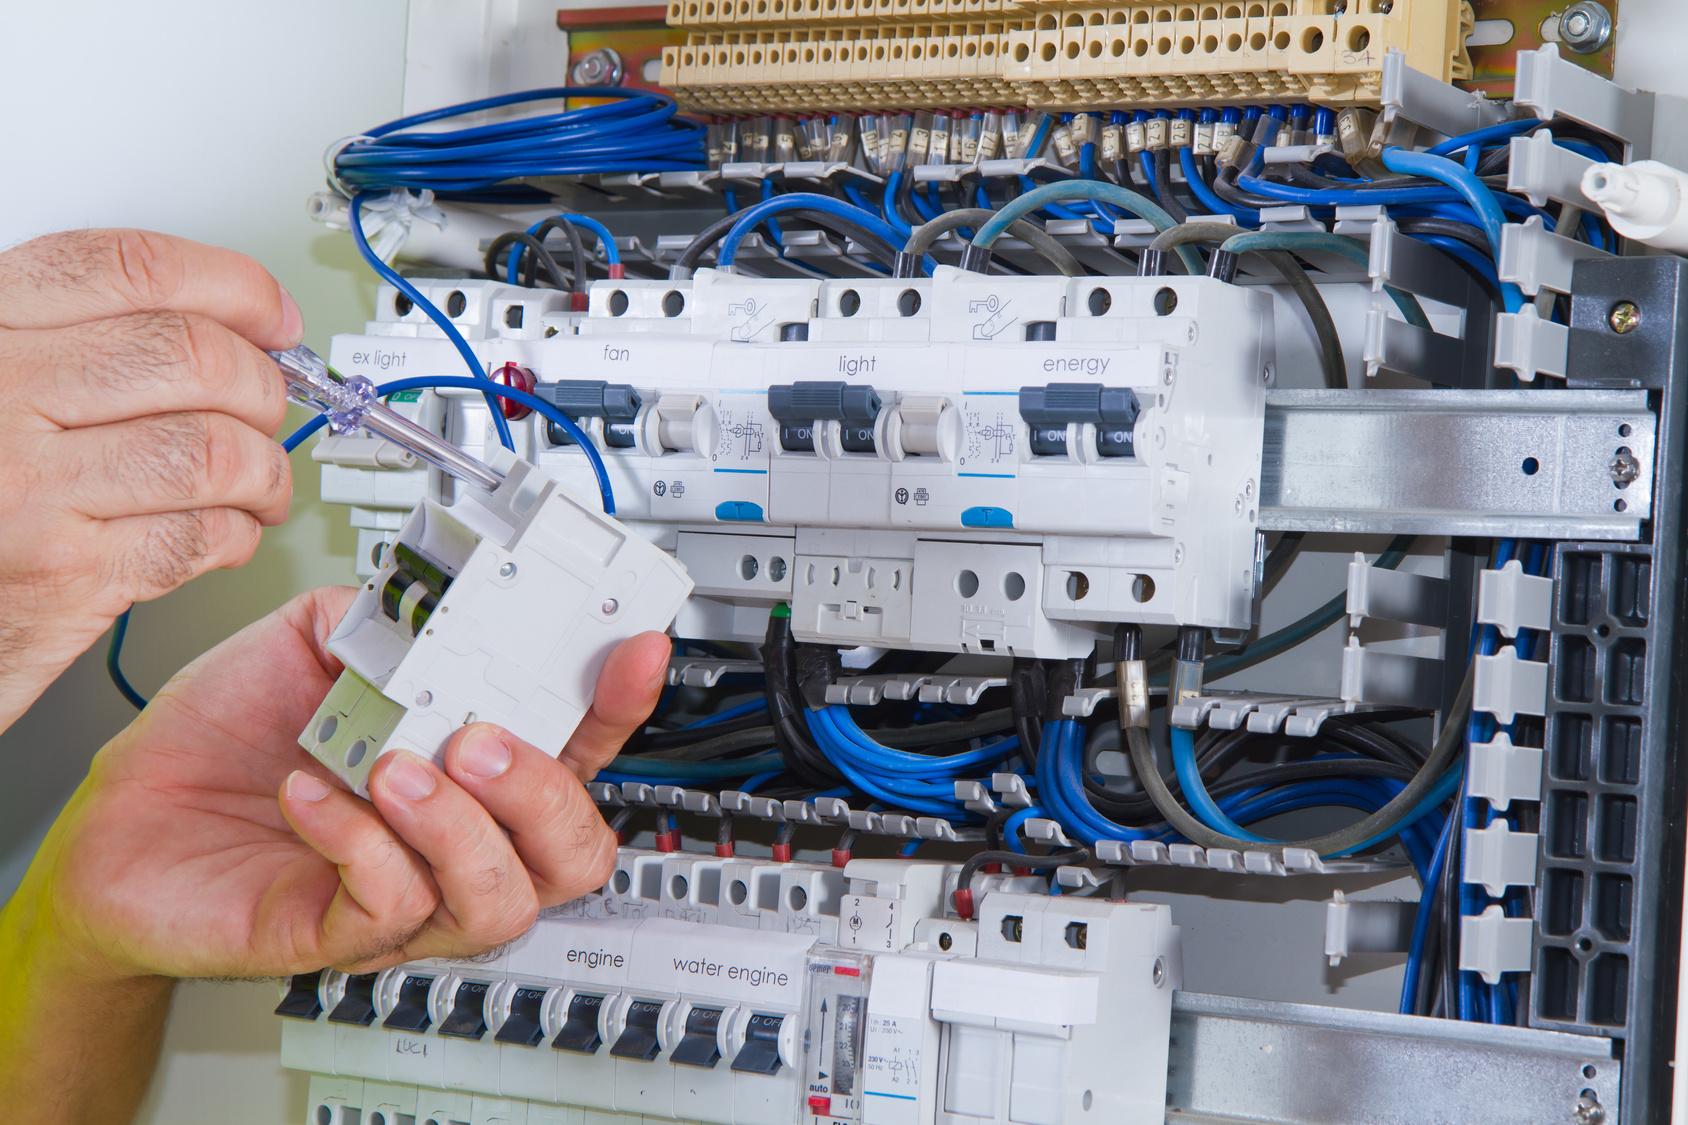 Comment réparer un disjoncteur cassé